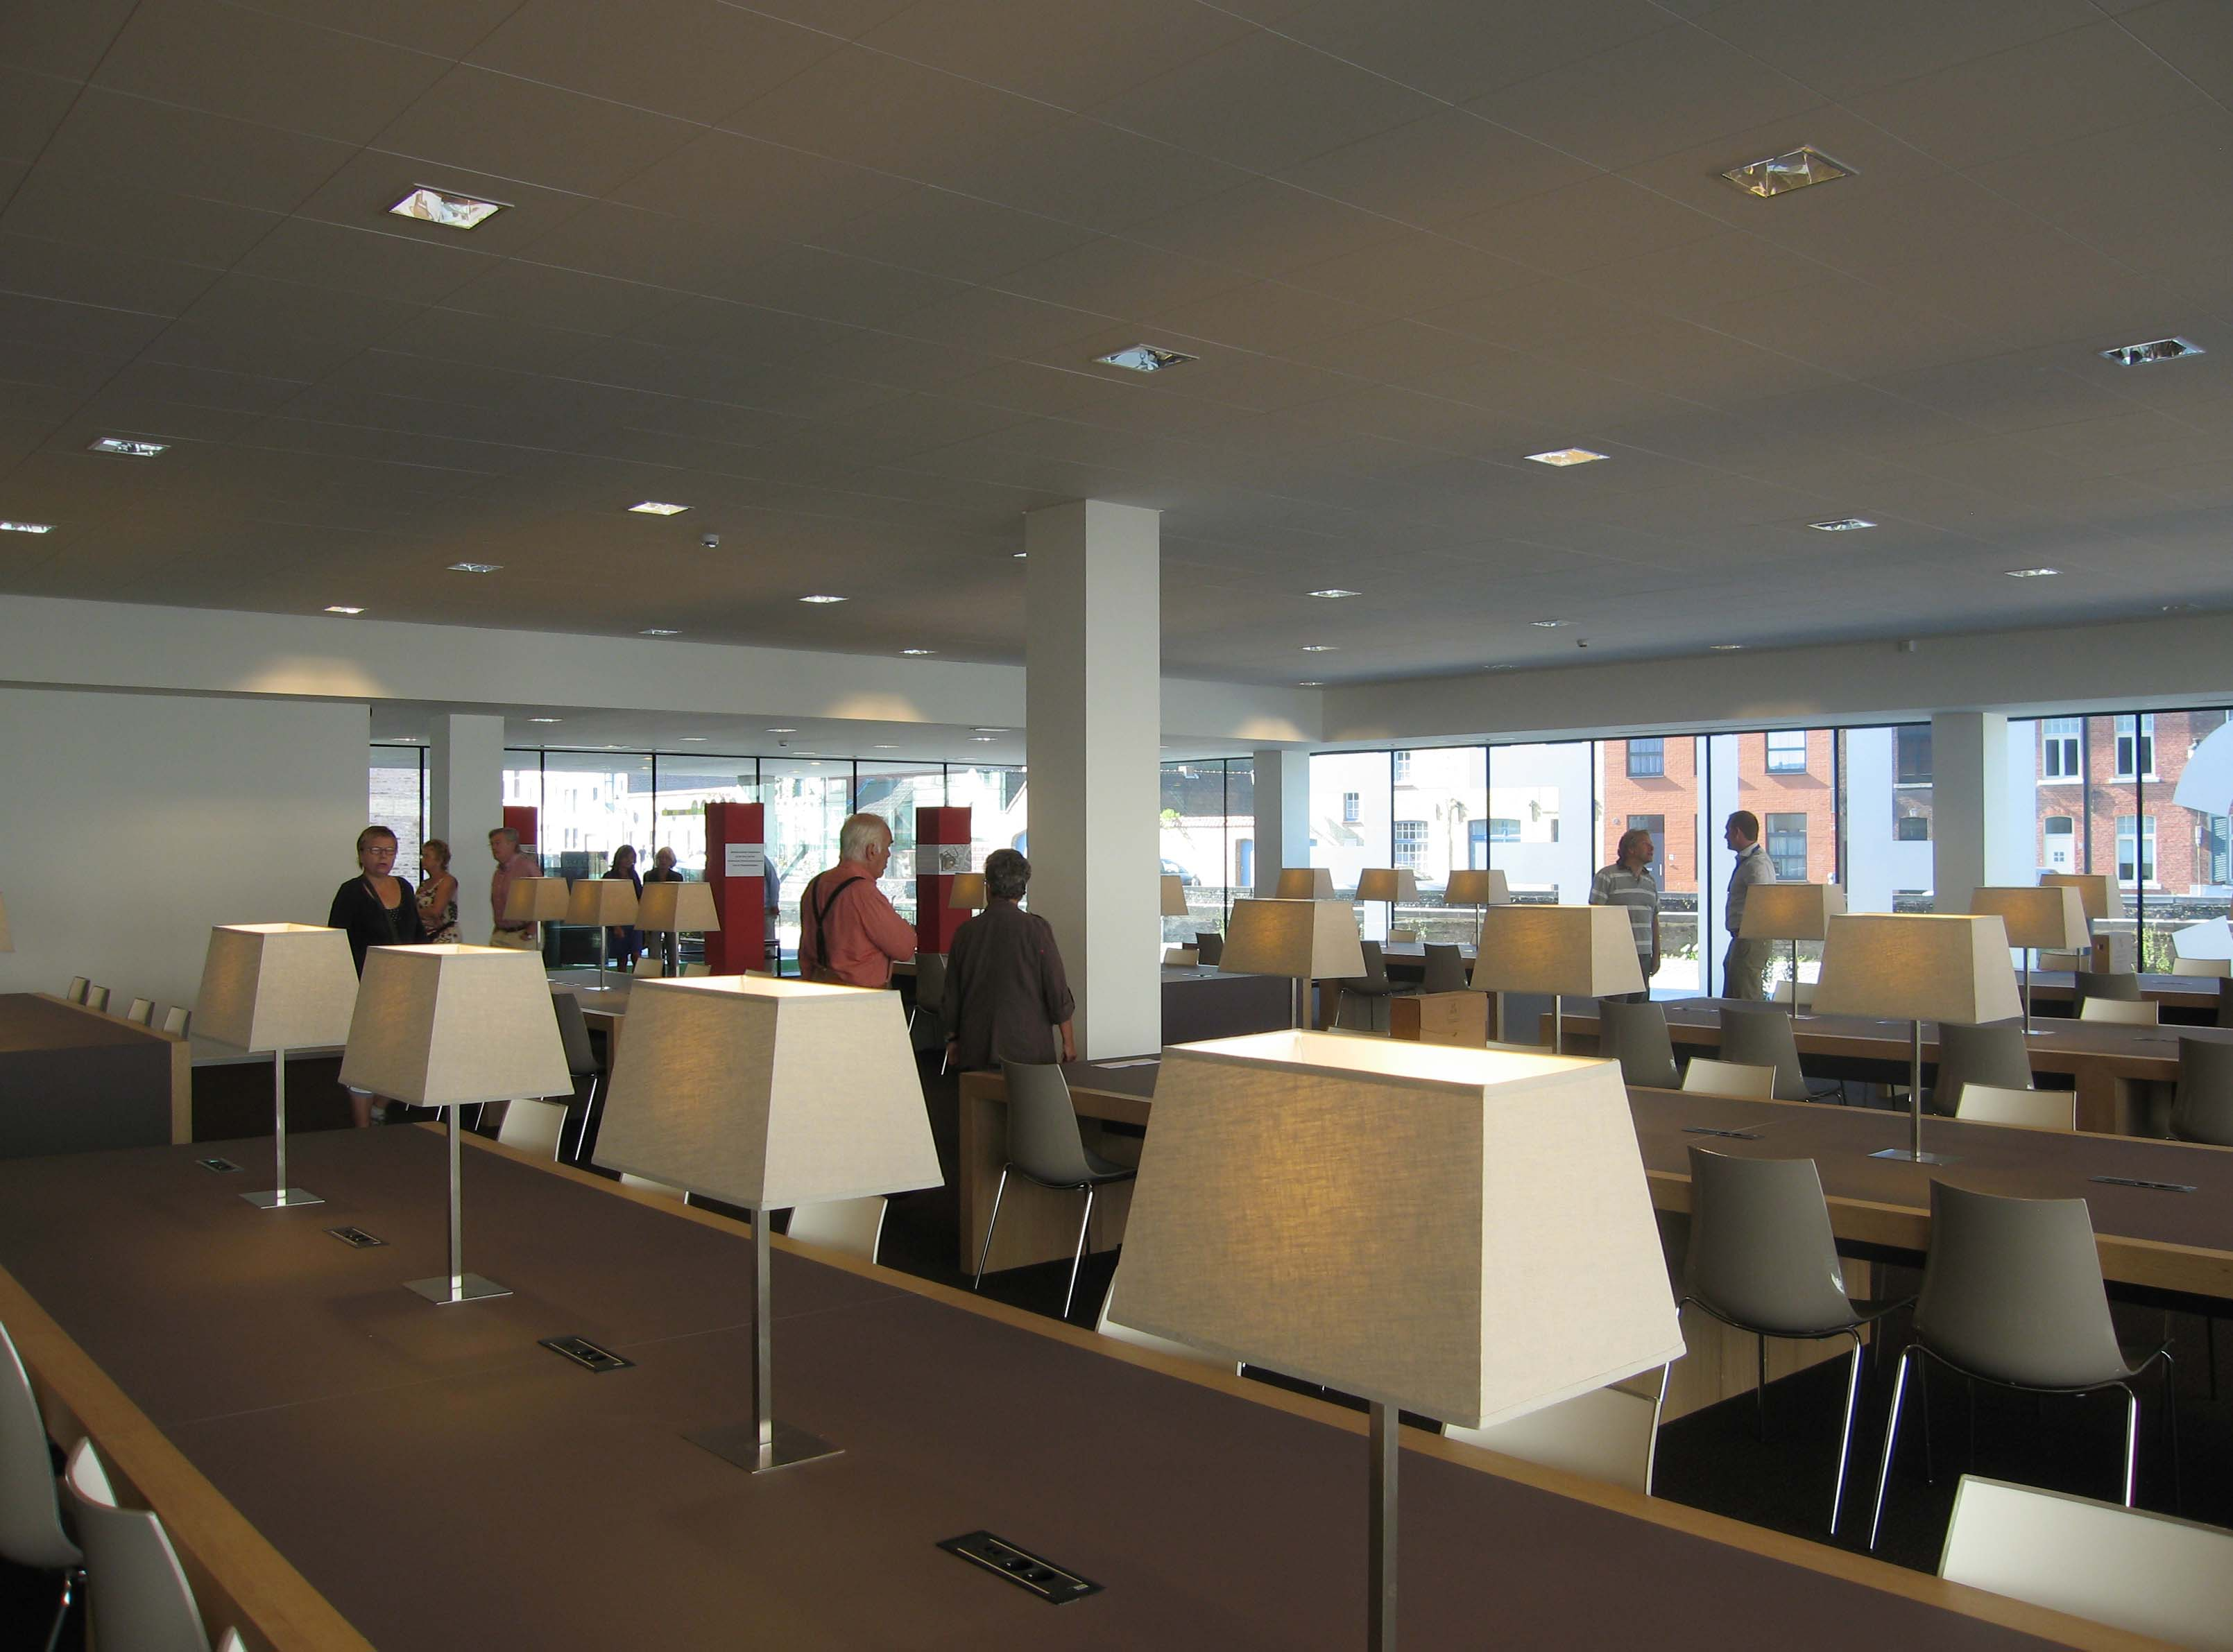 Rijksarchief brugge opende zijn nieuwe deuren erfgoedblog for Dhondt interieur brugge openingsuren